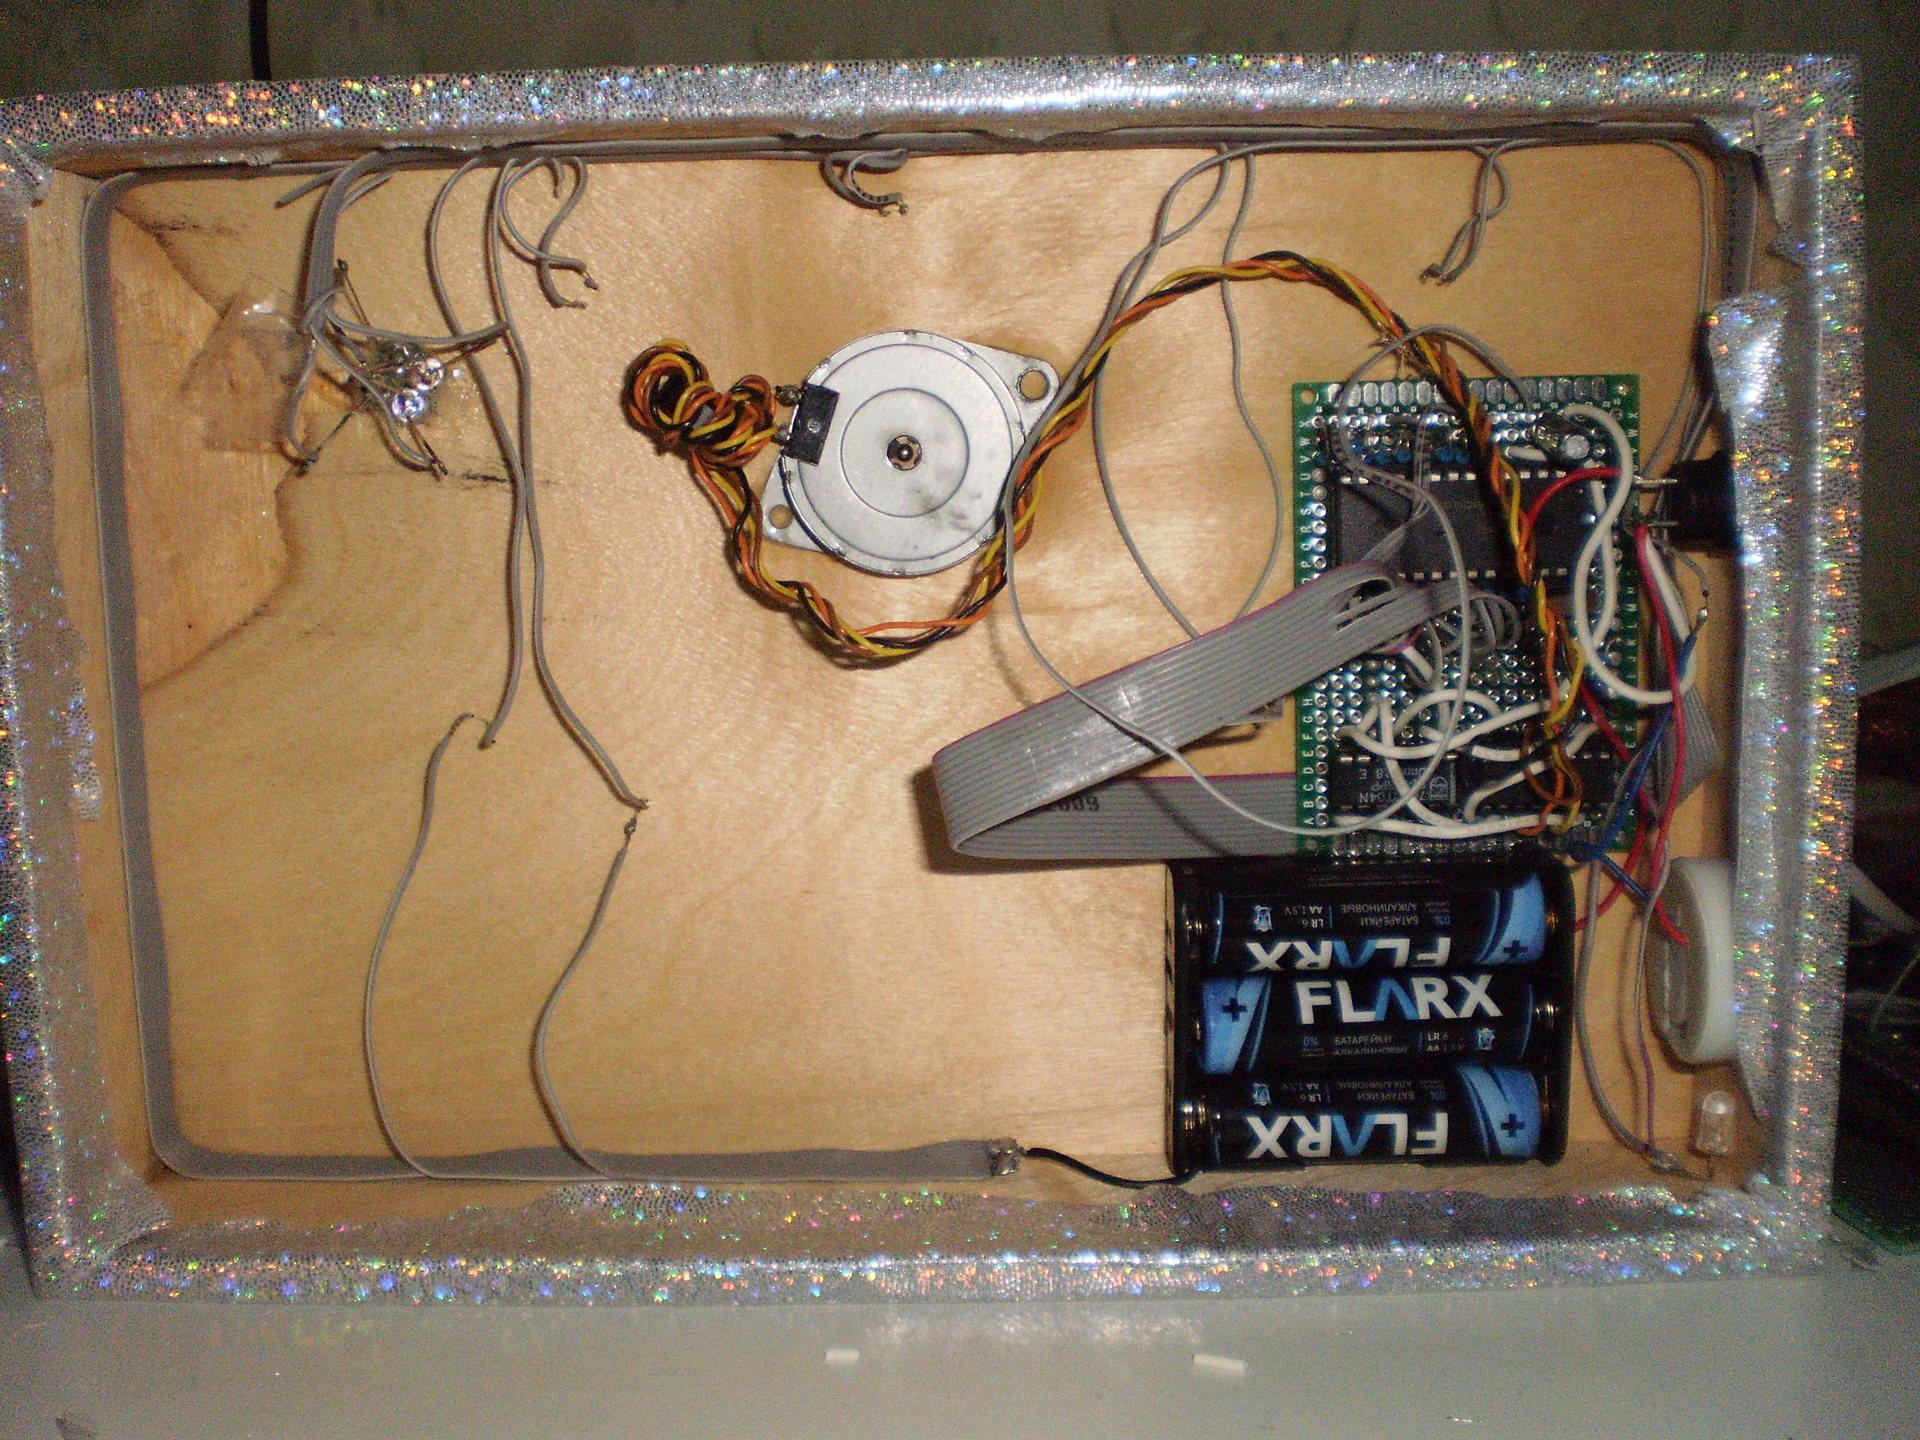 Светомузыкальная композиция на микроконтроллере своими руками - 12